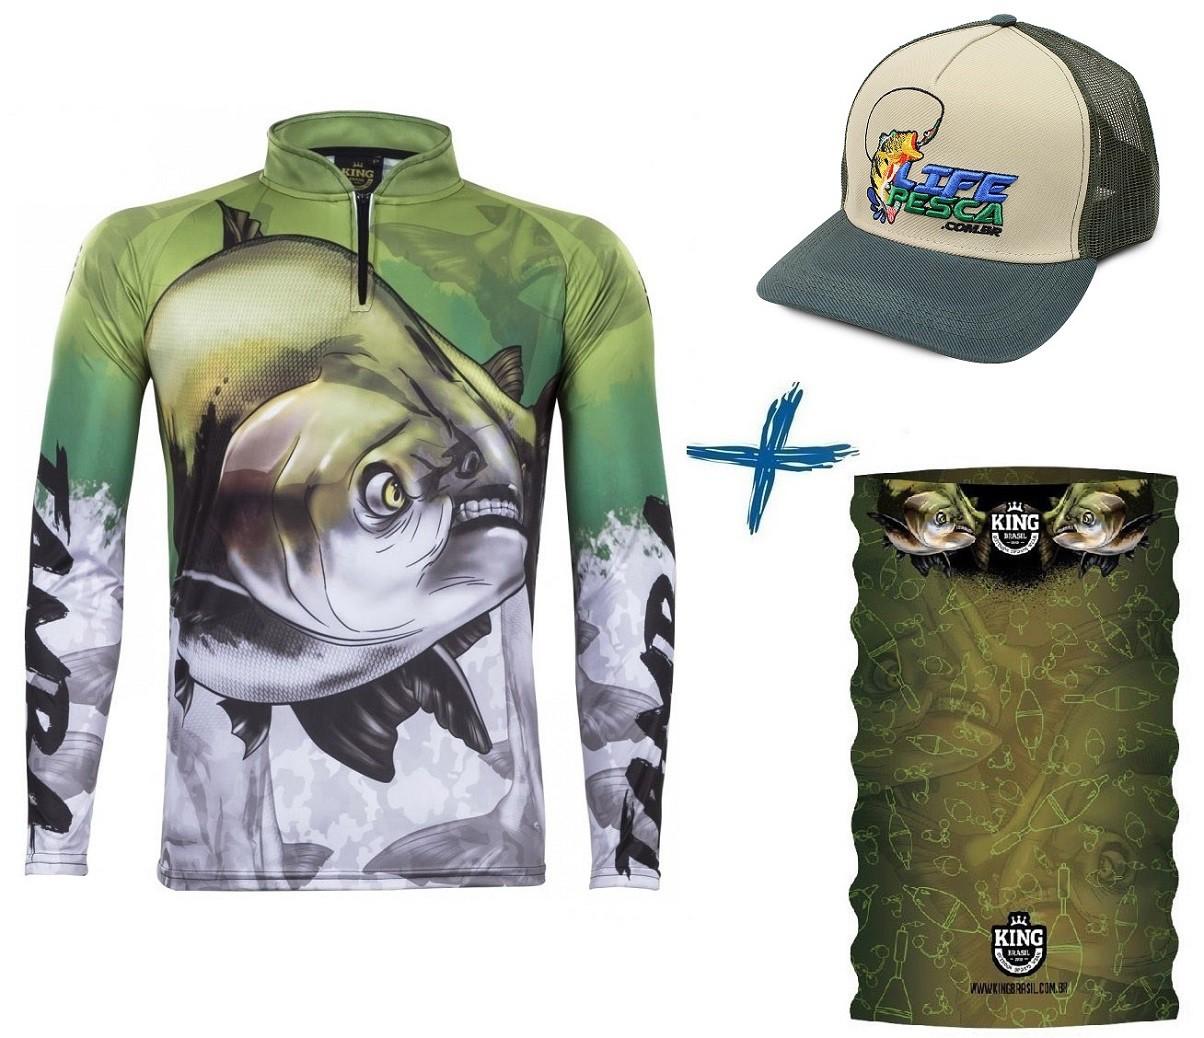 Camiseta De Pesca King Proteção Solar Uv Atack 05 Tamba + Bandana + Boné